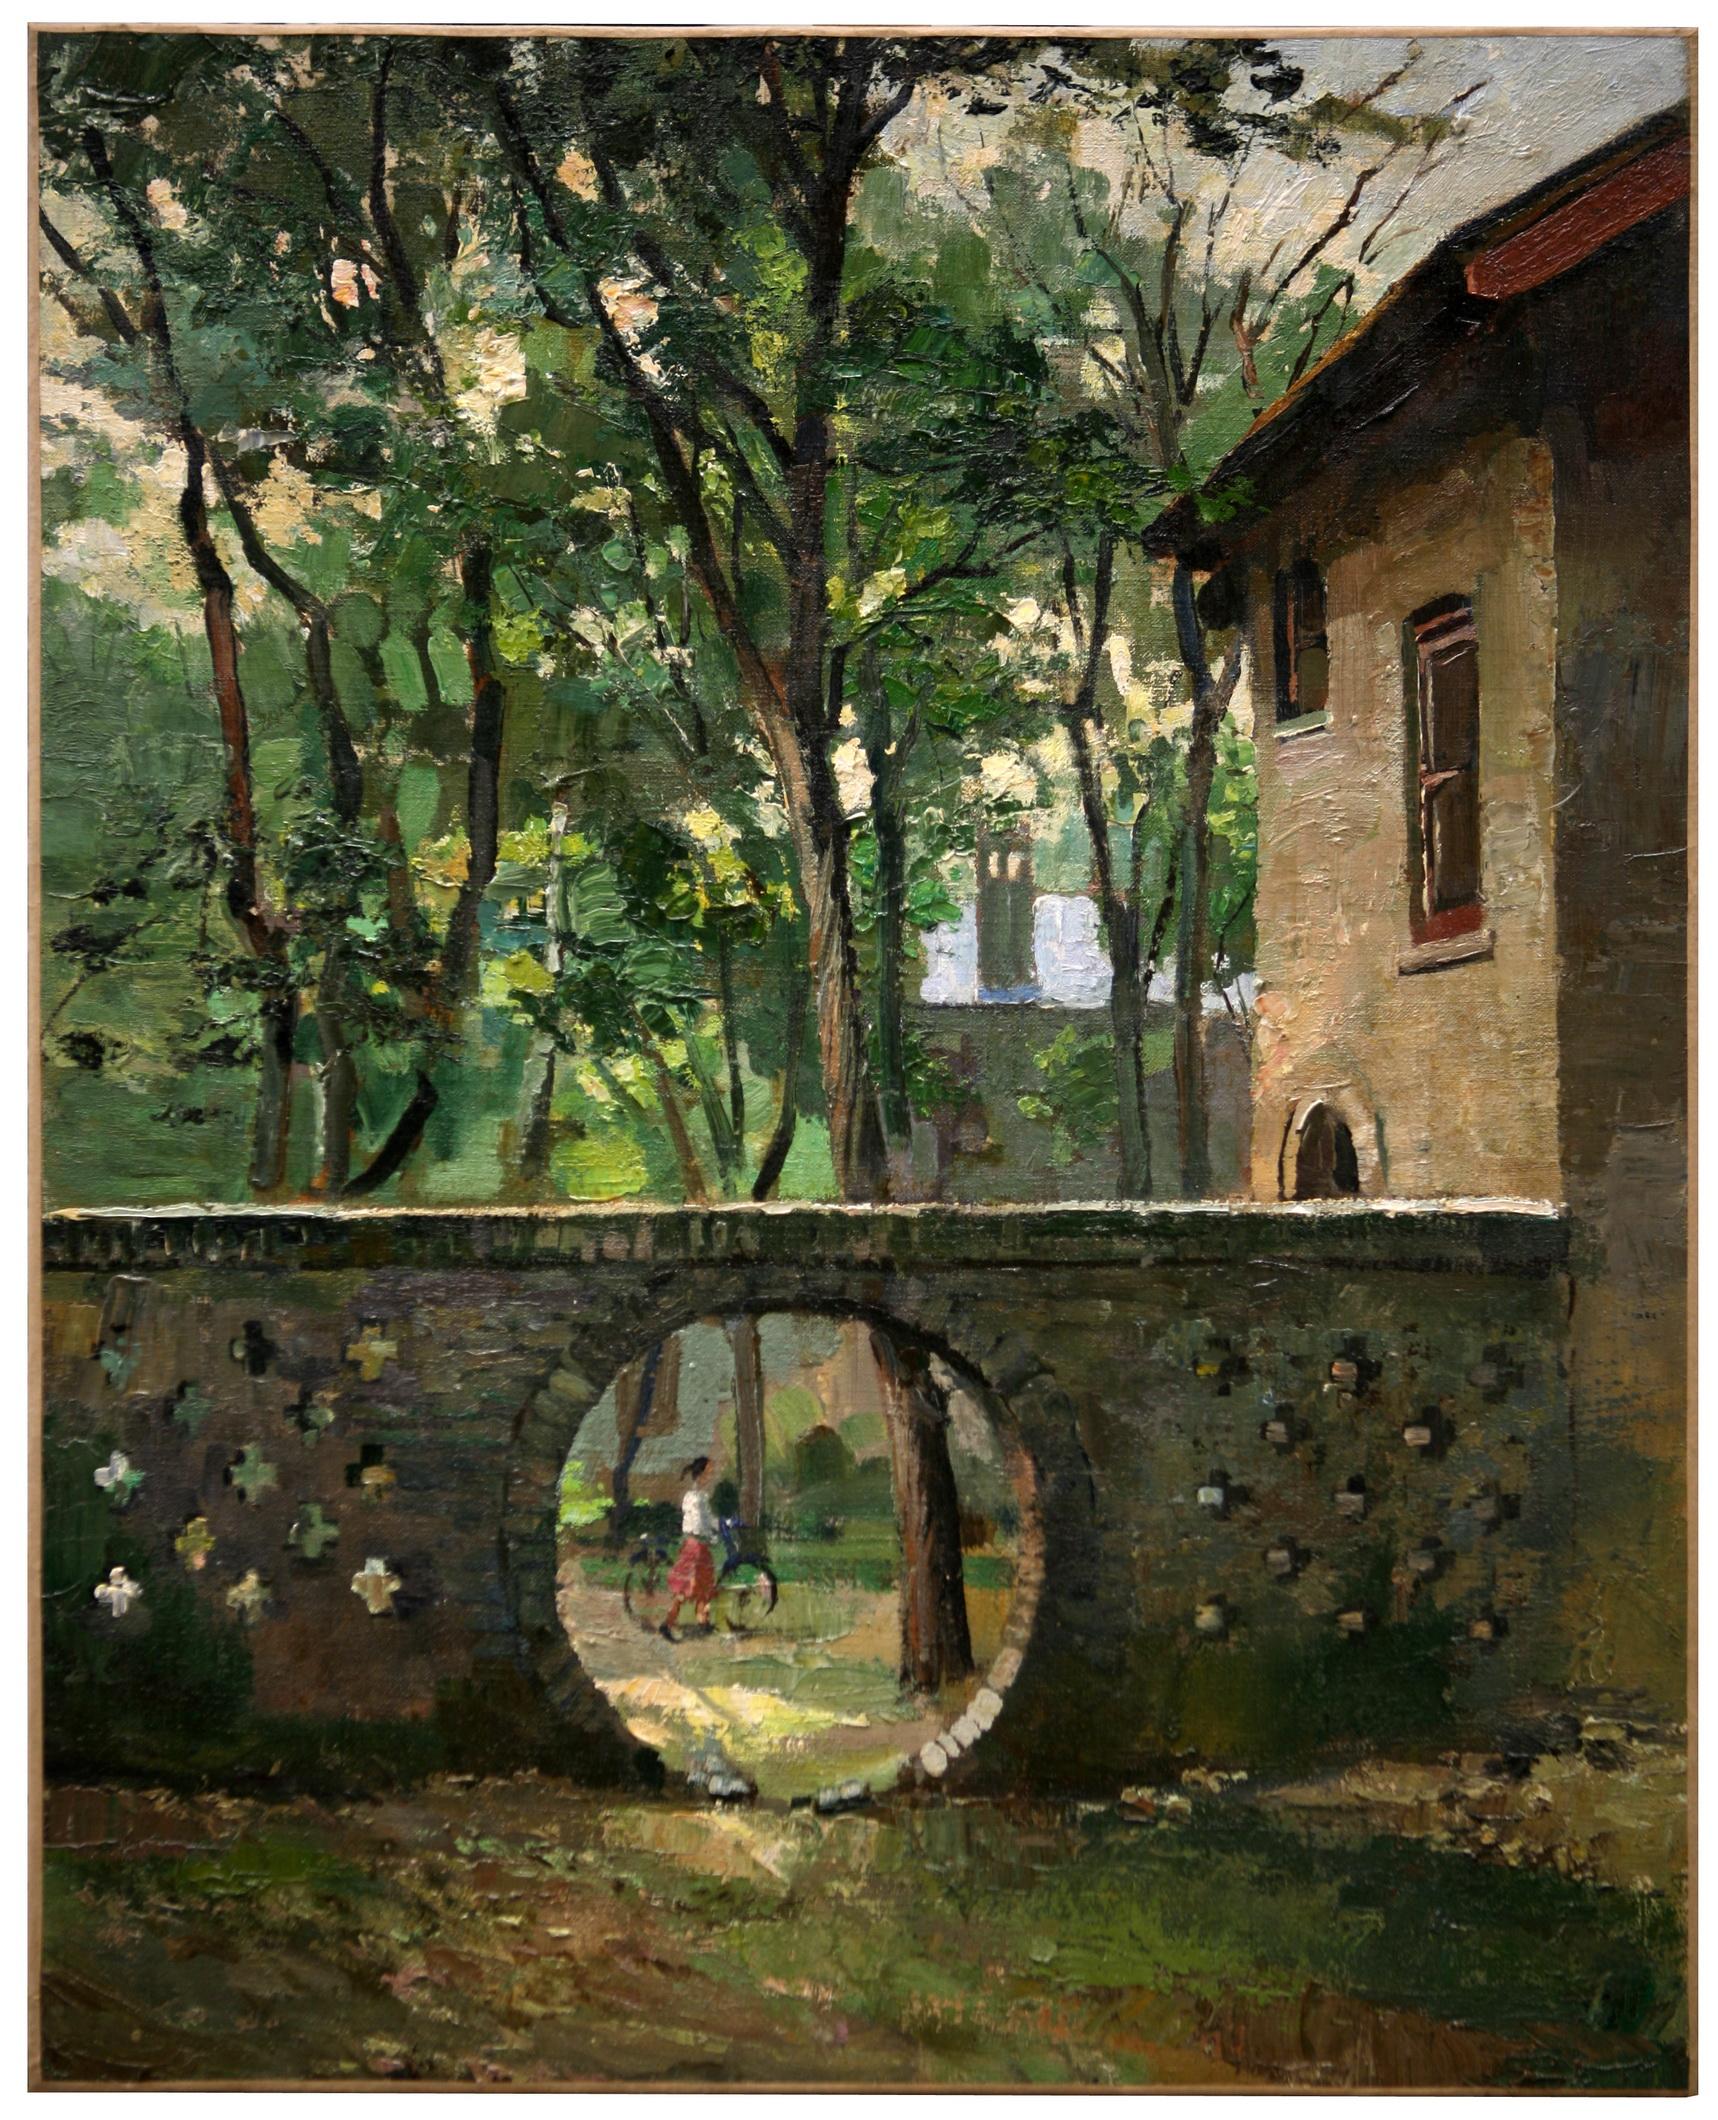 燕东园风景之二 72.7cm×59.5cm 油画  1974